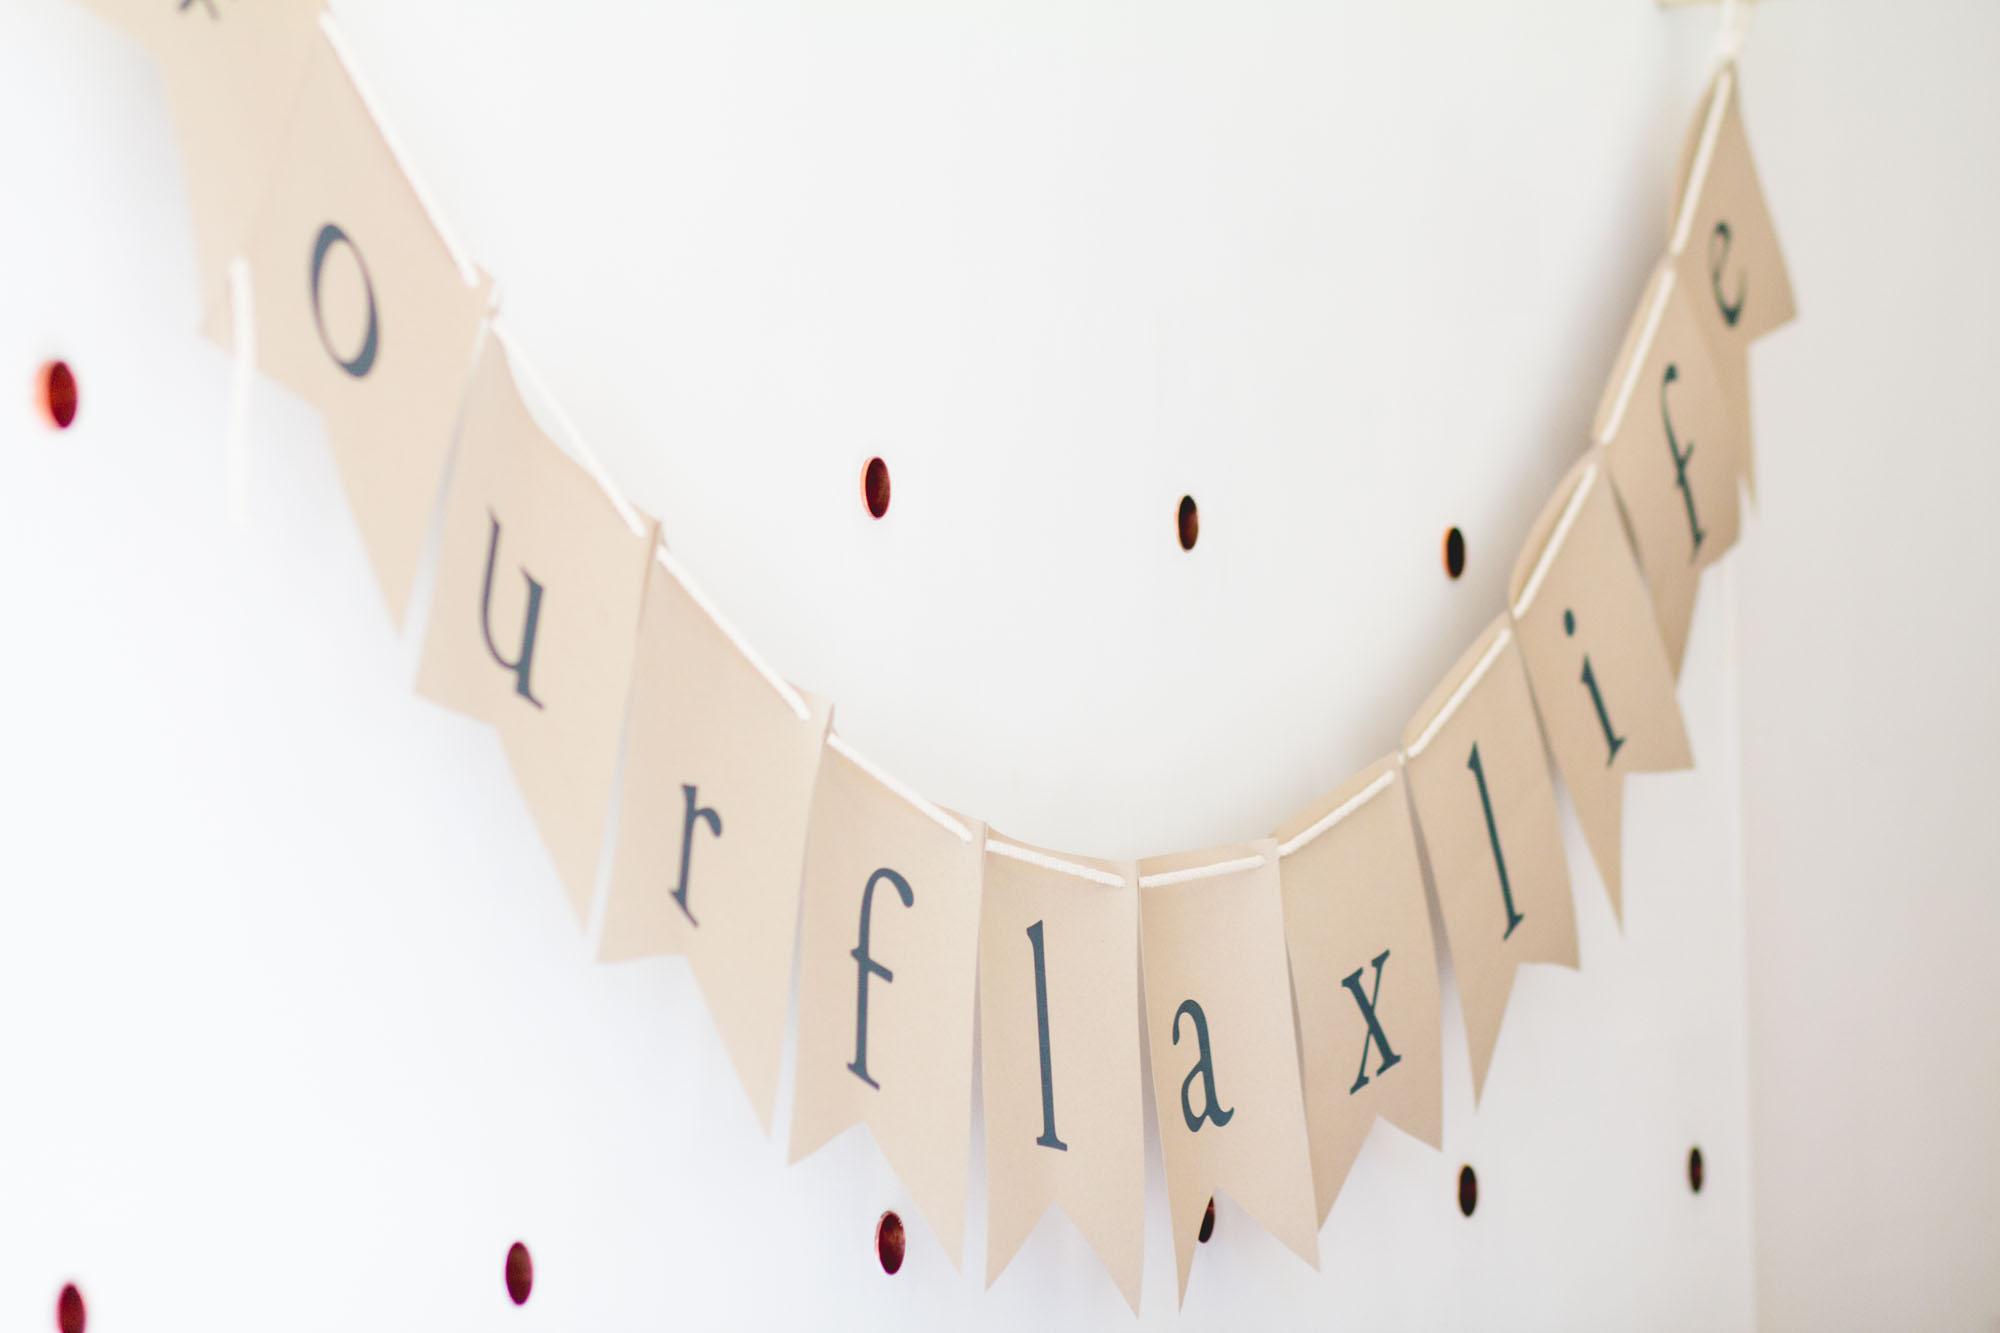 FlaxLaunch_002.jpg